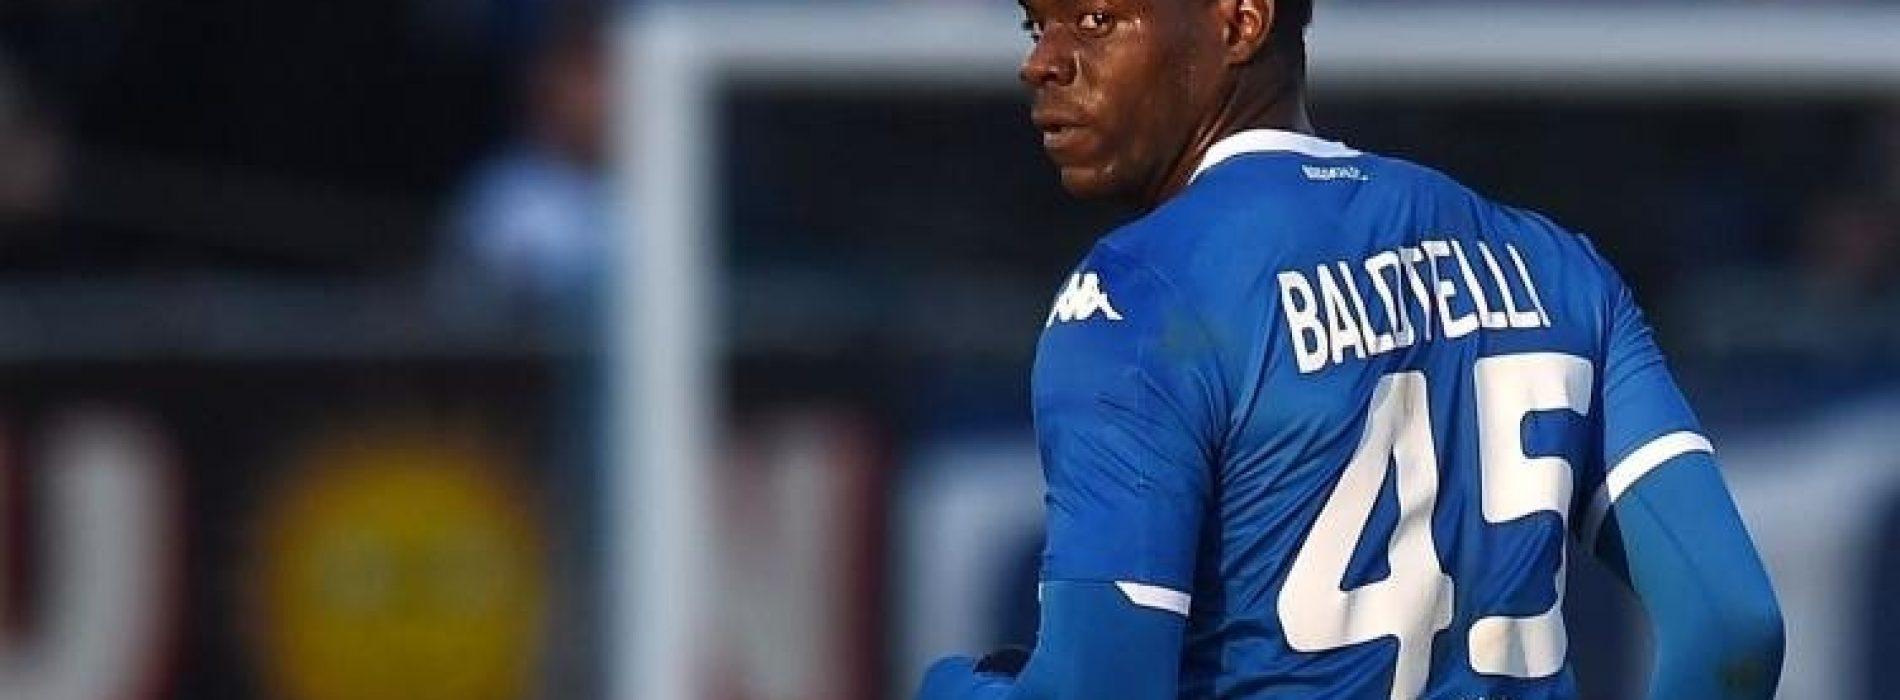 """Balotelli: """"Dovevano far tornare la Juventus in testa prima di fermare il campionato"""""""